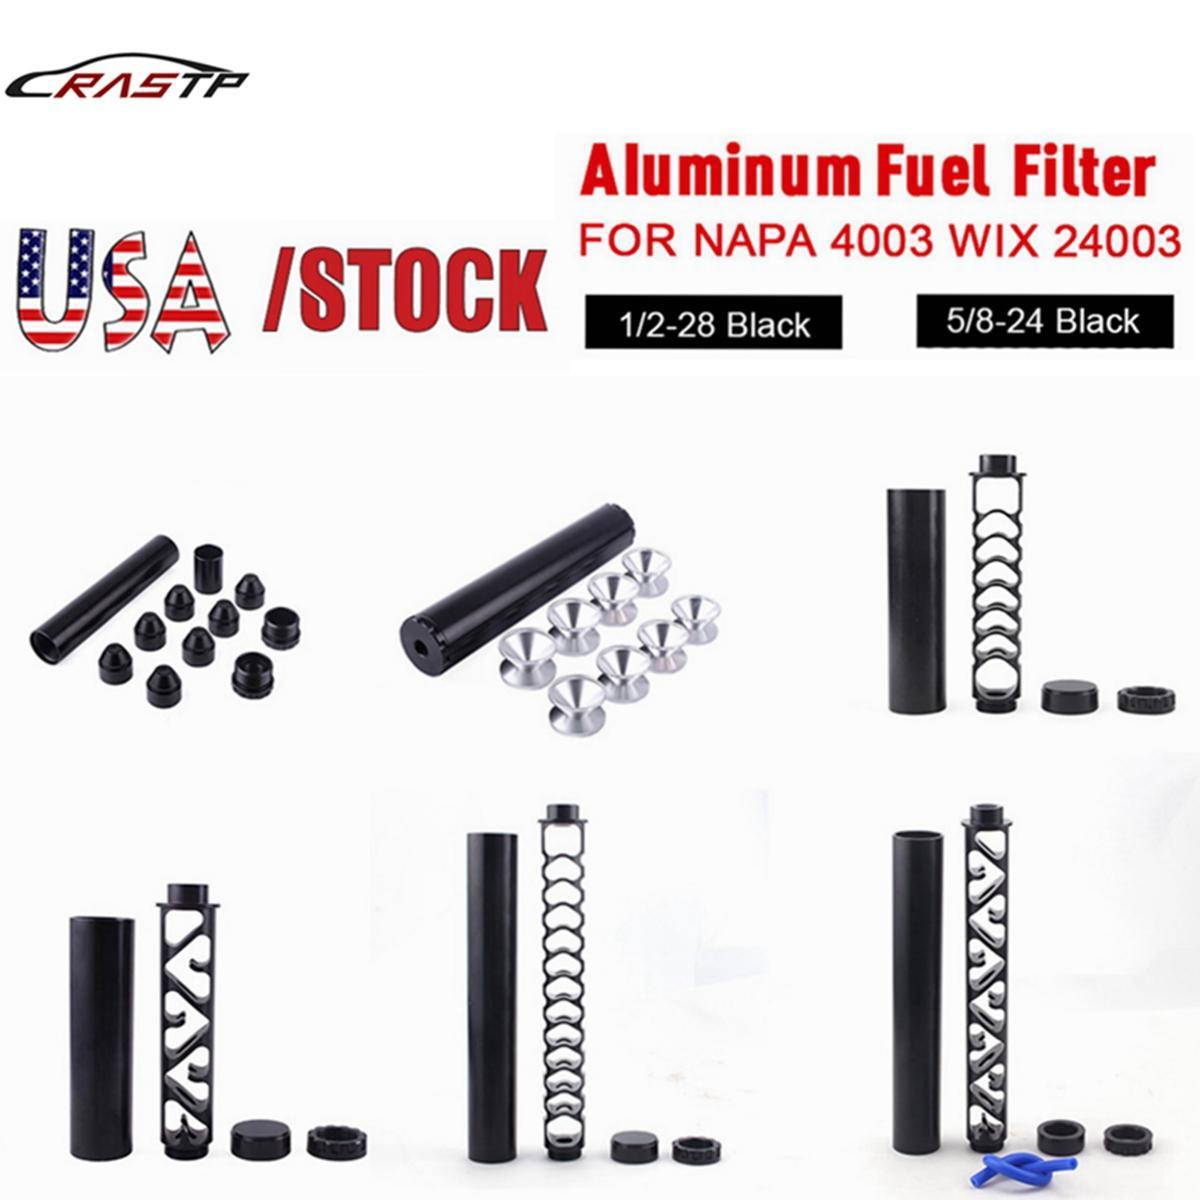 """USA Stock 6 """"Zoll / 10 Zoll Spirale 1/2-28 5/8-24 Einzelkern Aluminium Rohr Auto Kraftstofffilter Lösungsmittelfalle für NAPA 4003 WIX 24003 Auf Lager"""